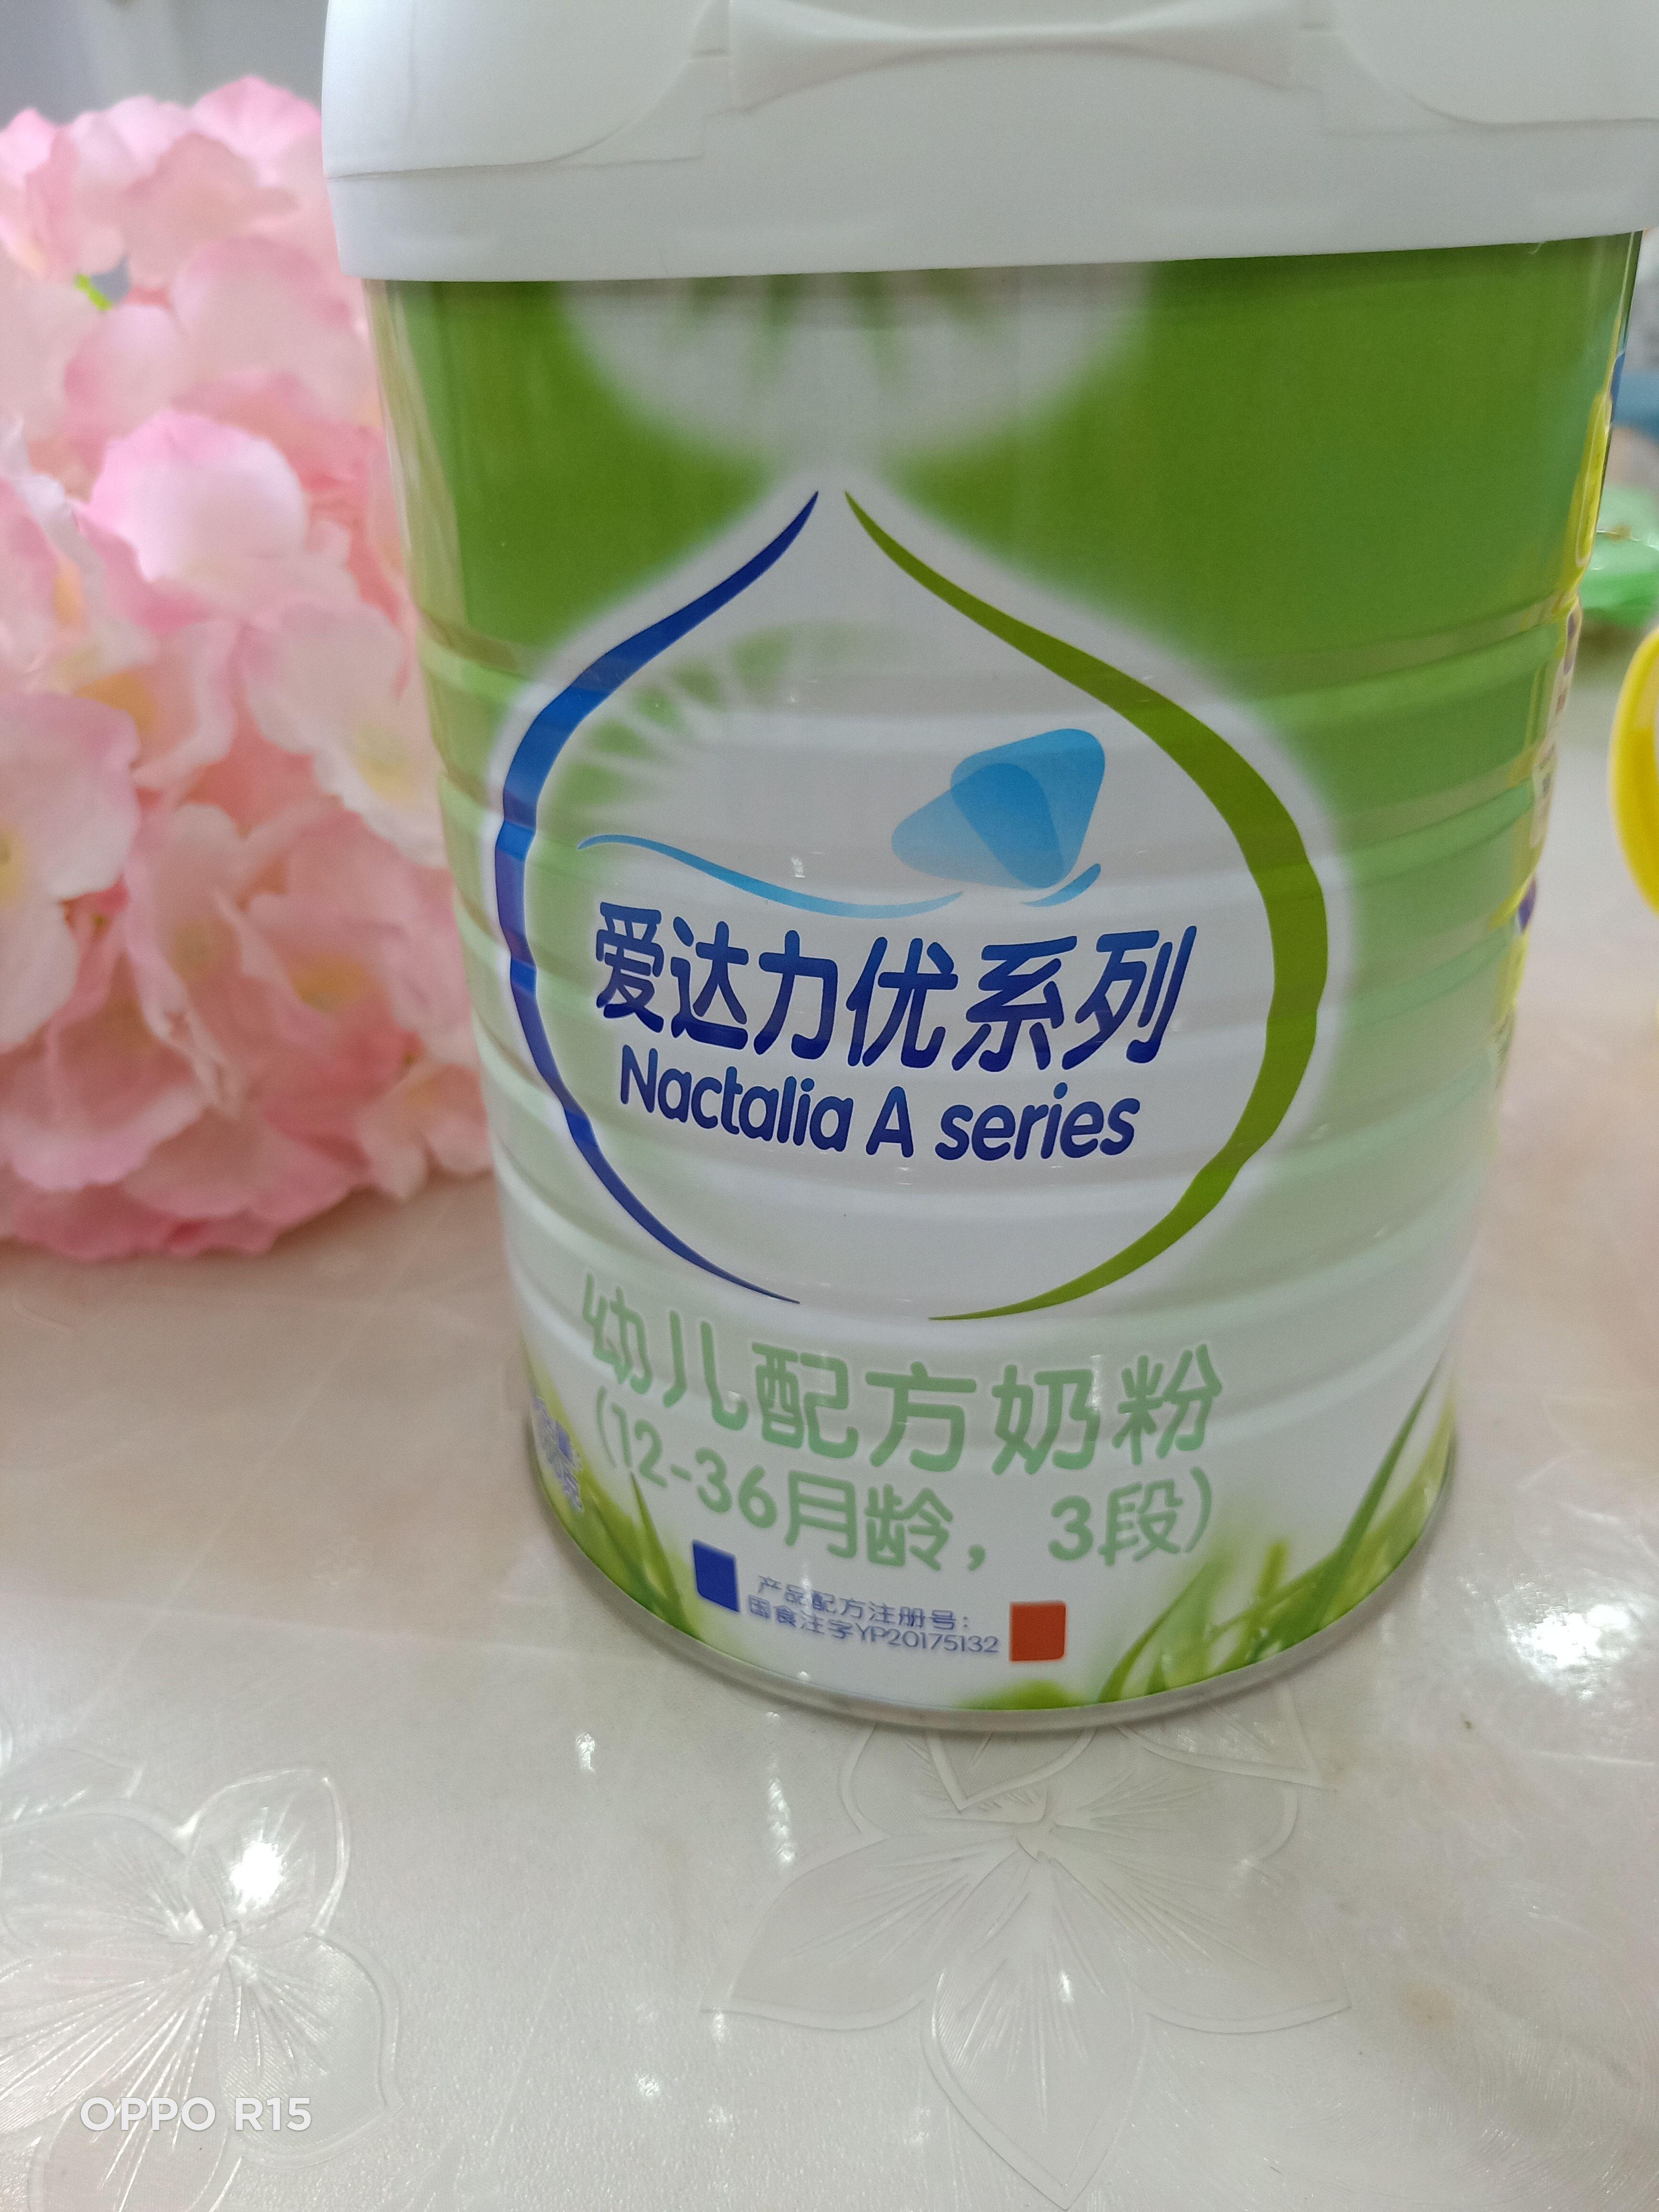 寶寶便便松軟,肚肚輕松,就選愛達力優幼兒配方奶粉